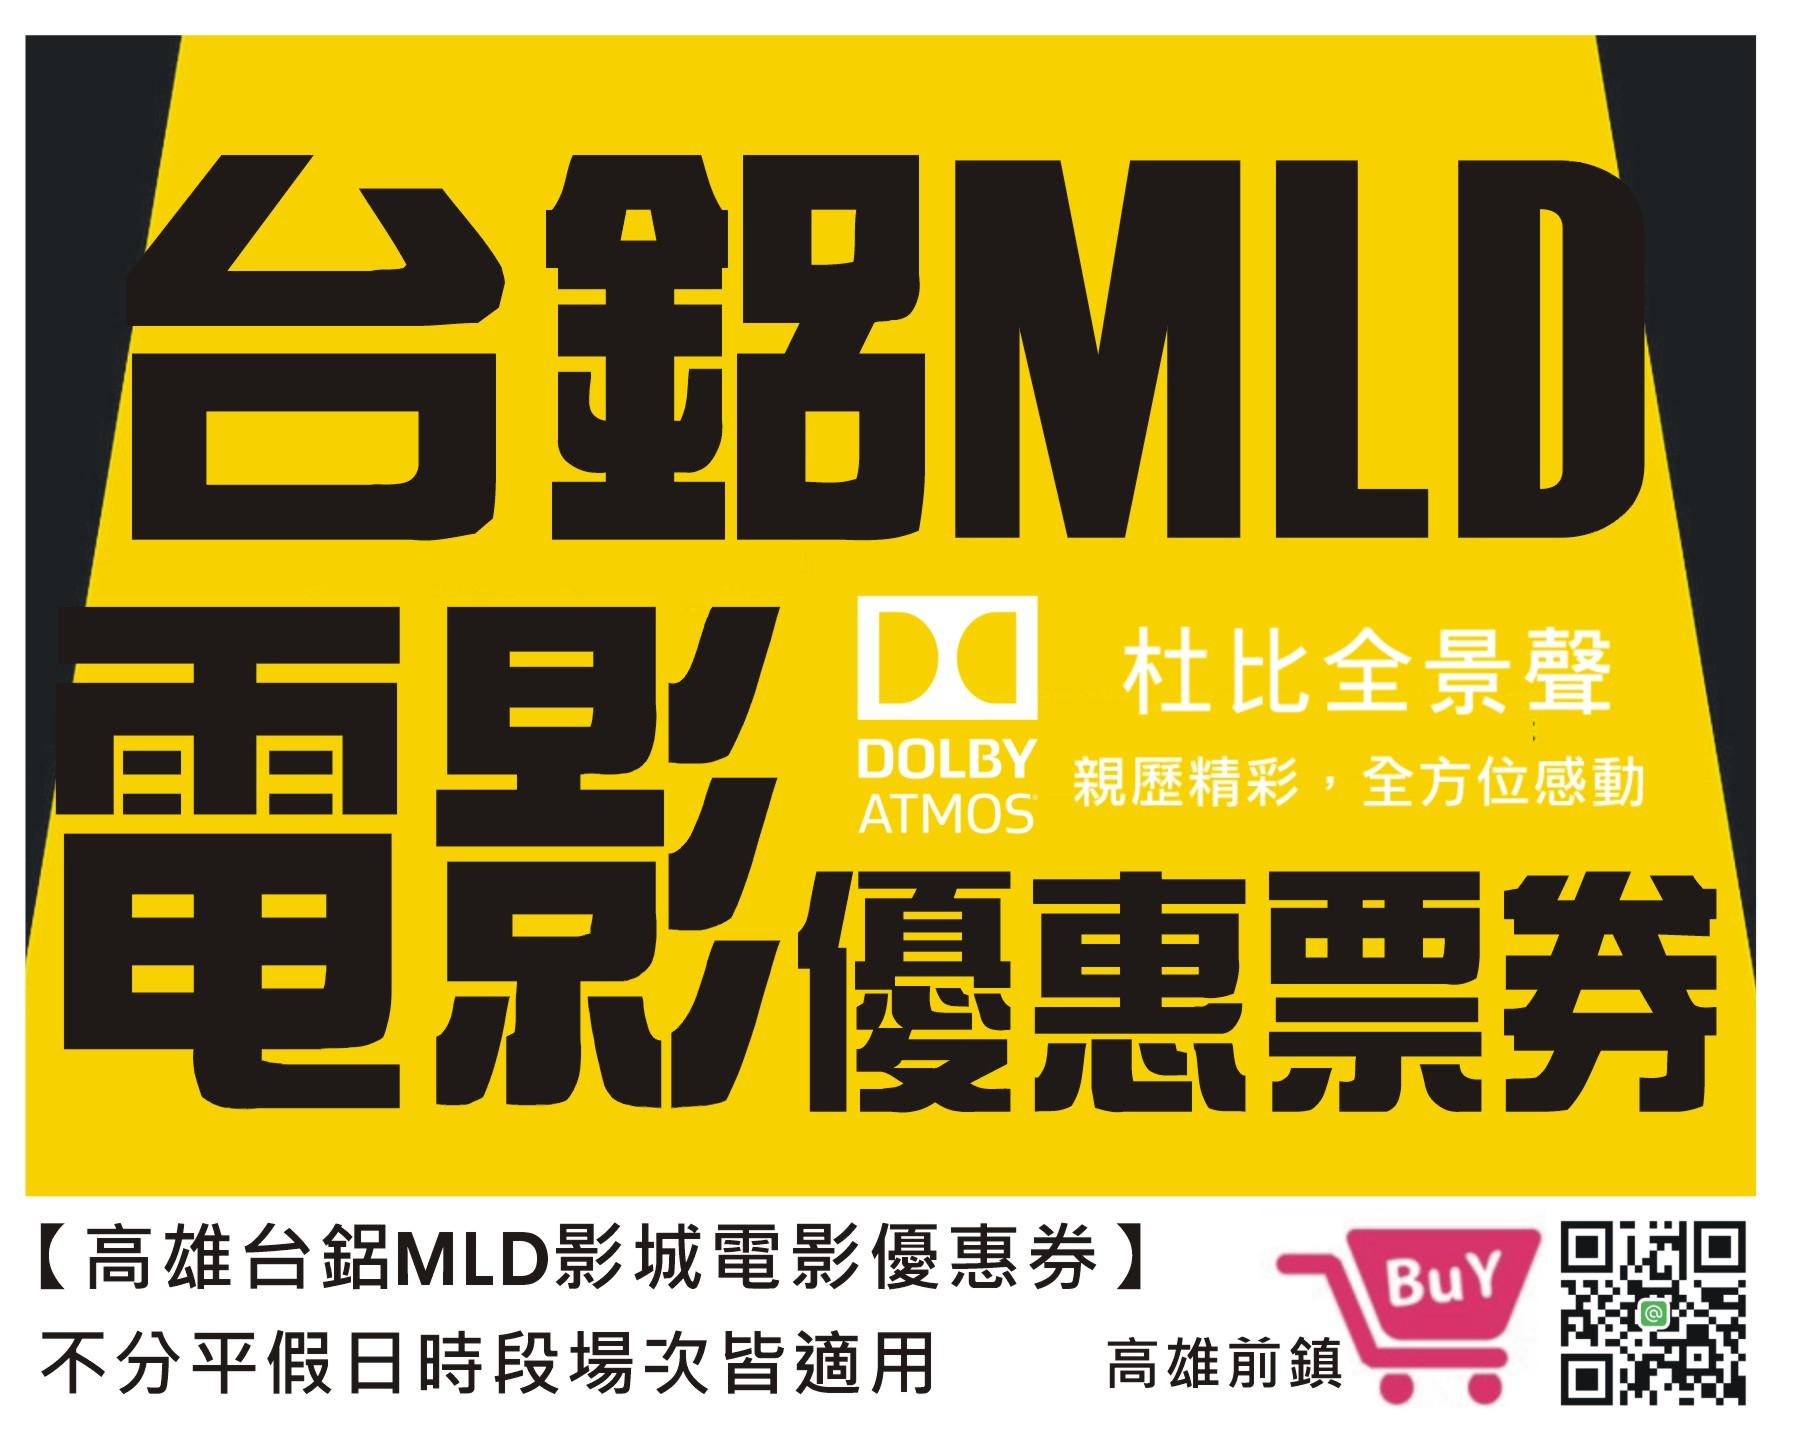 高雄台鋁MLD影城電影優惠券.JPG